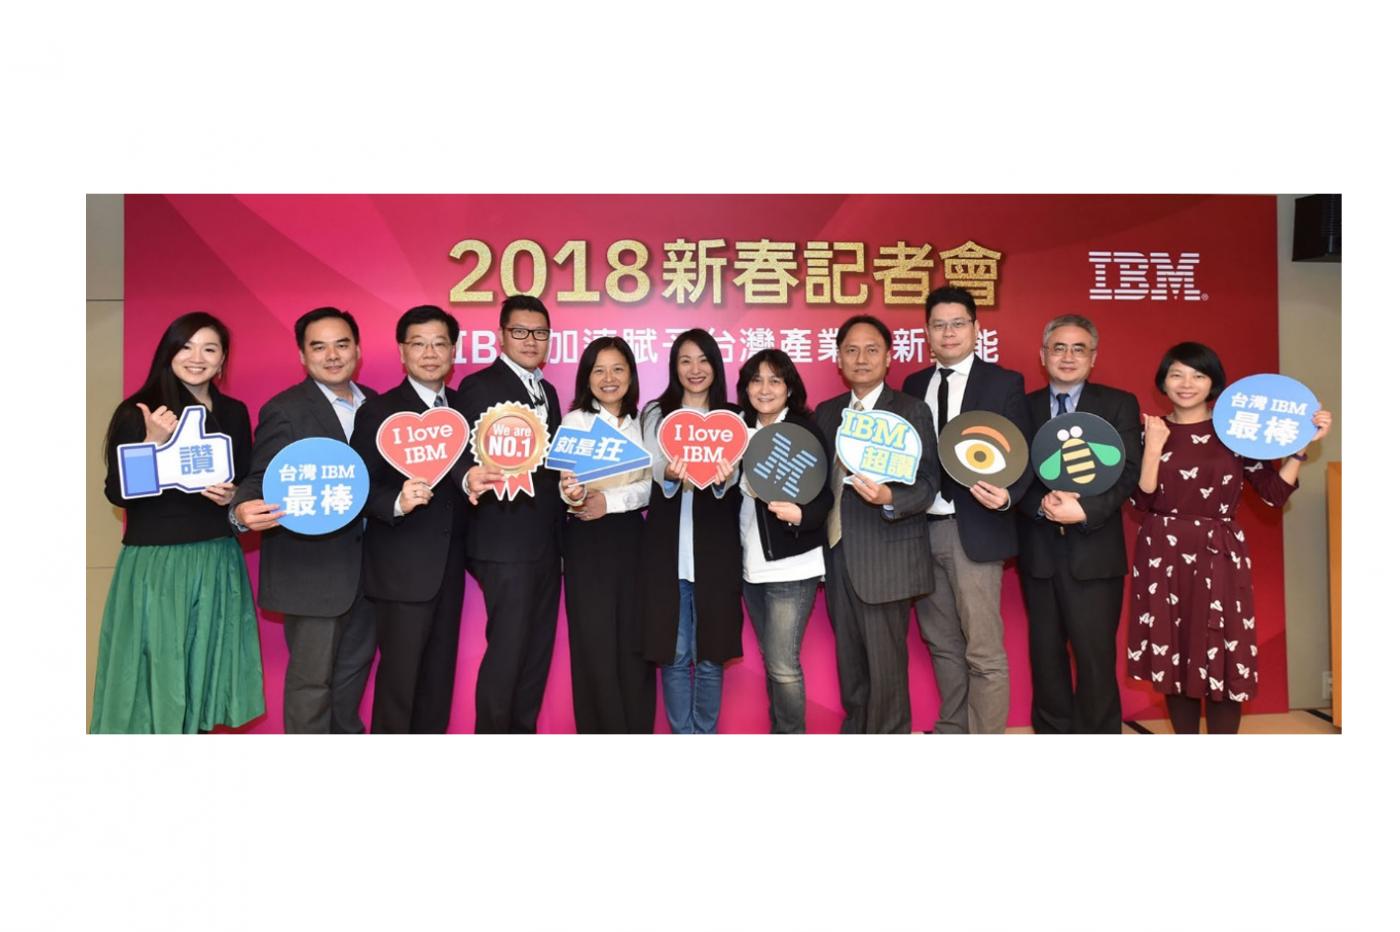 聚焦2018大趨勢 IBM加速賦予台灣產業創新動能